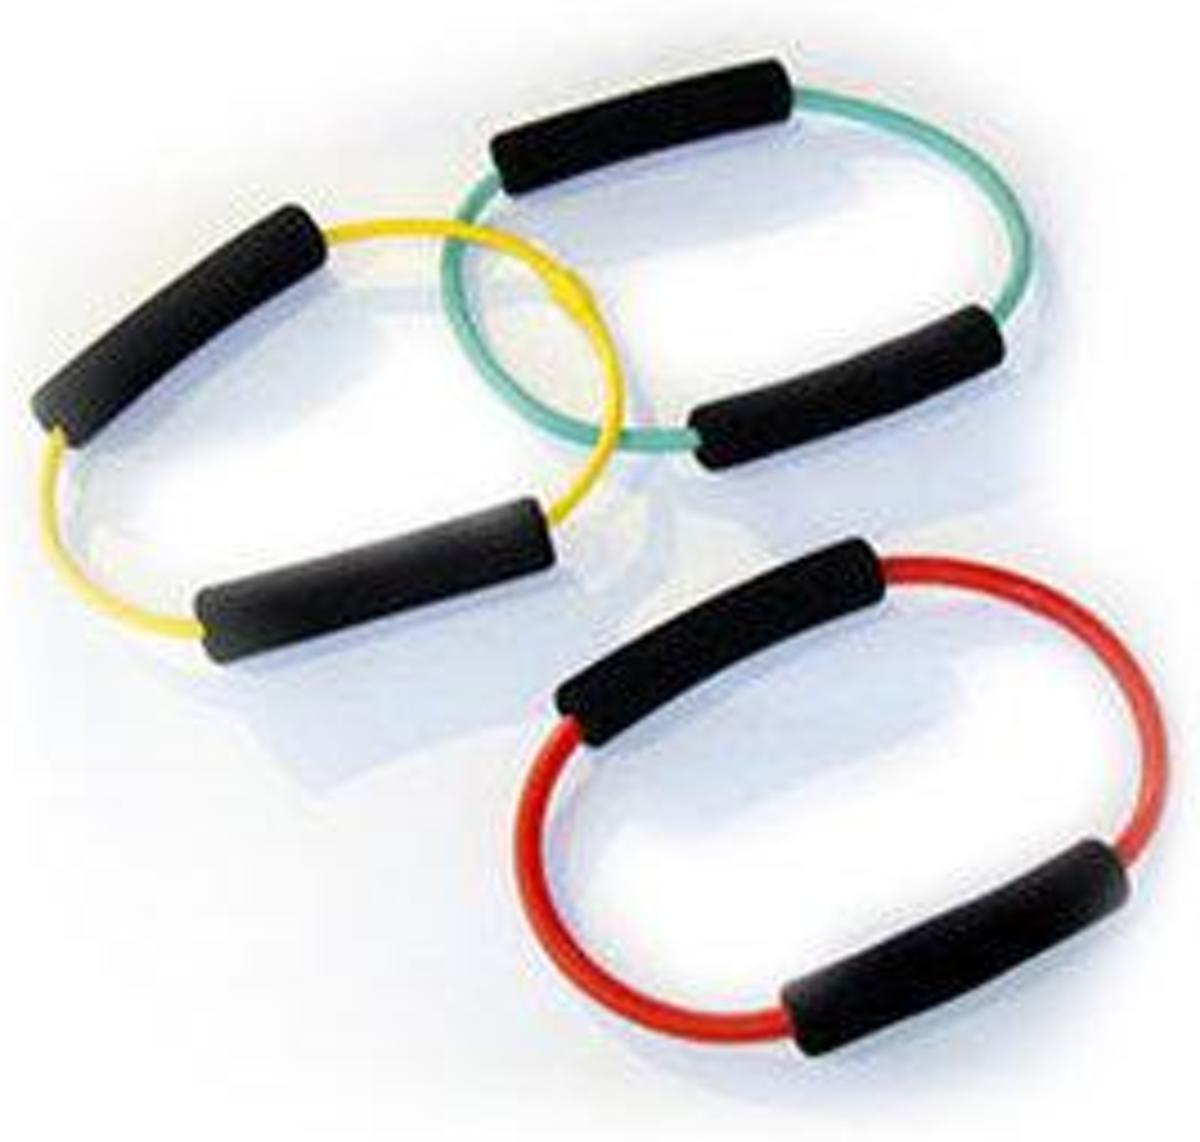 Sissel Fit-Ring - Uitvoering groen/ sterk kopen